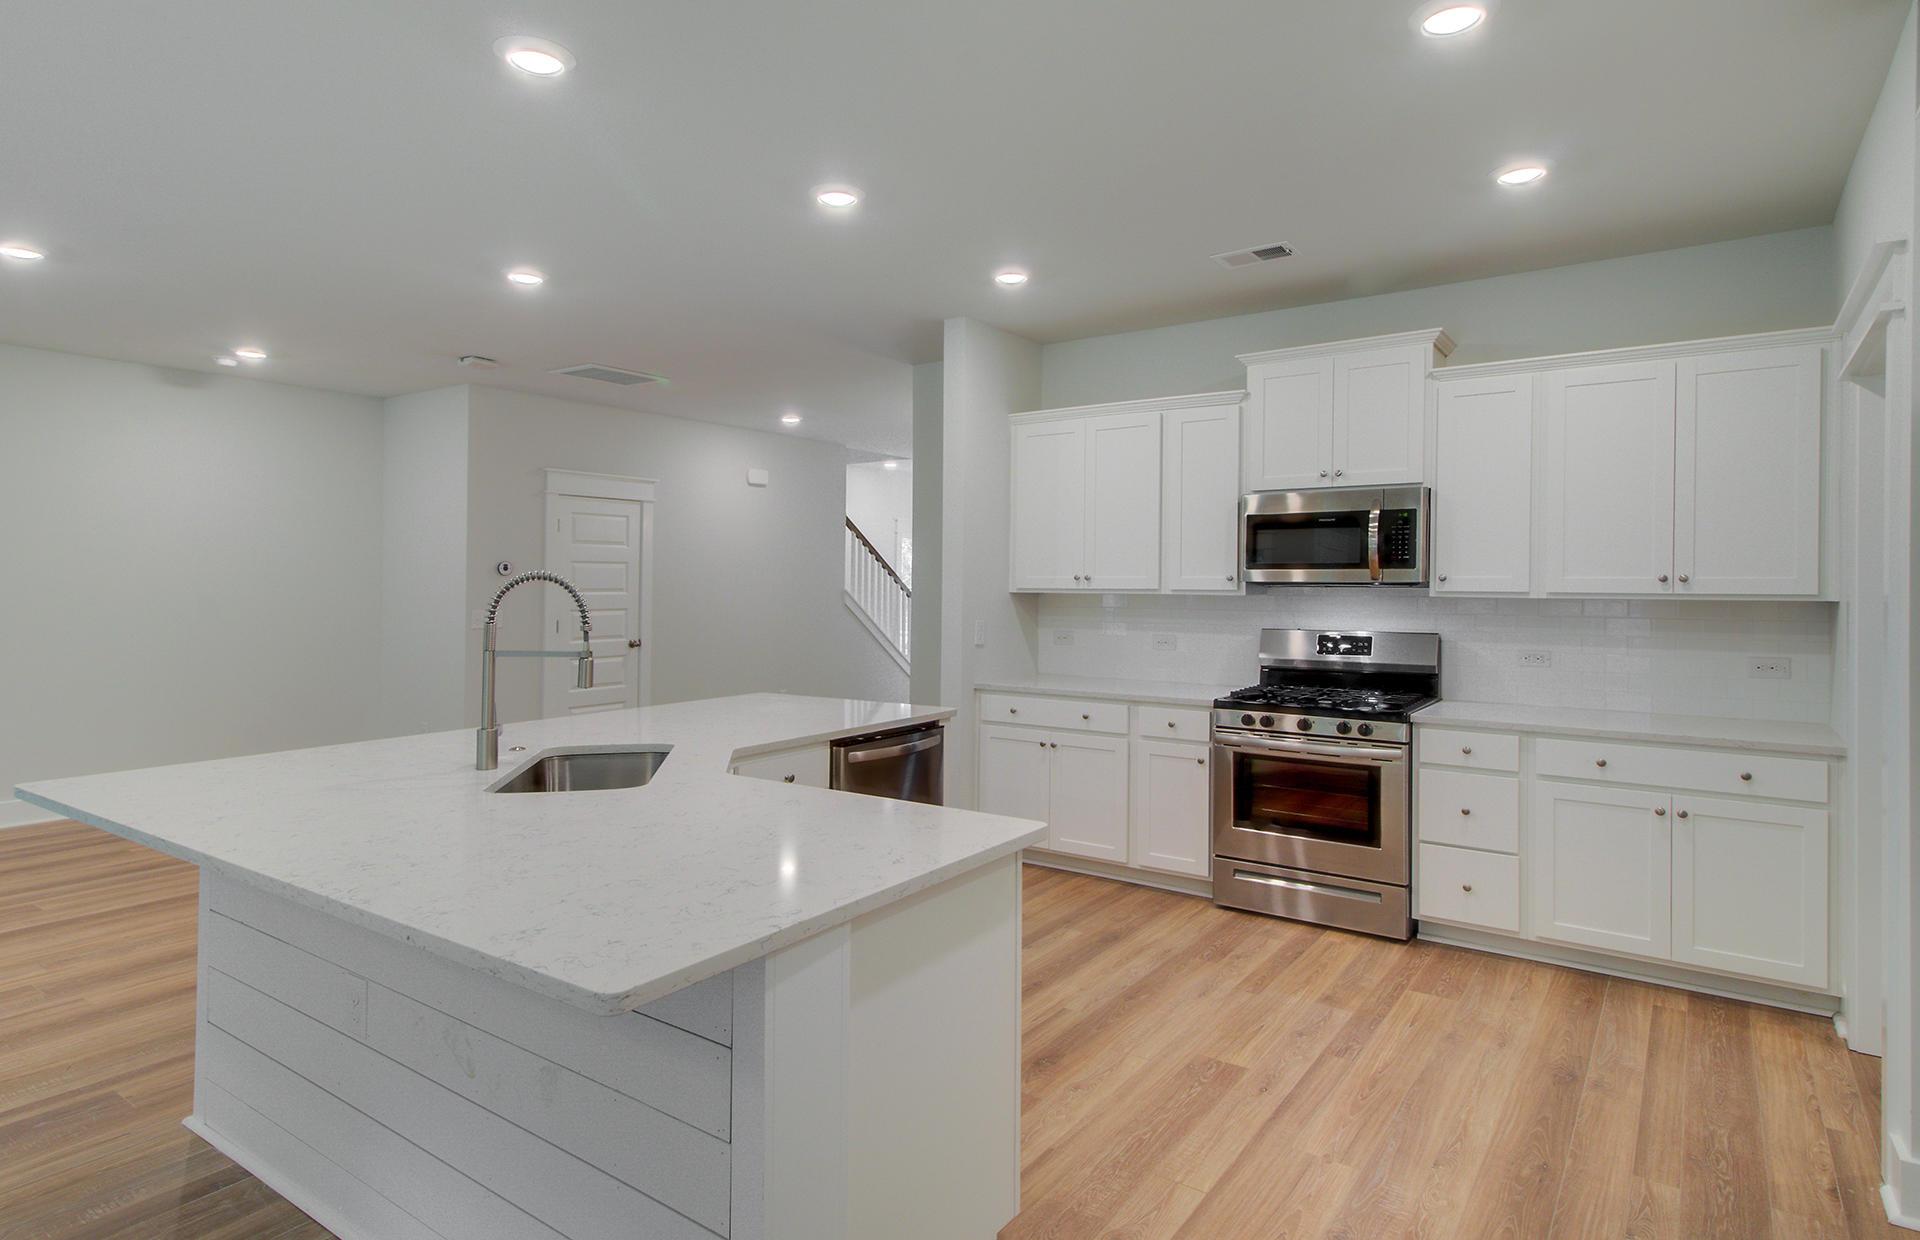 Park West Homes For Sale - 3013 Caspian, Mount Pleasant, SC - 38